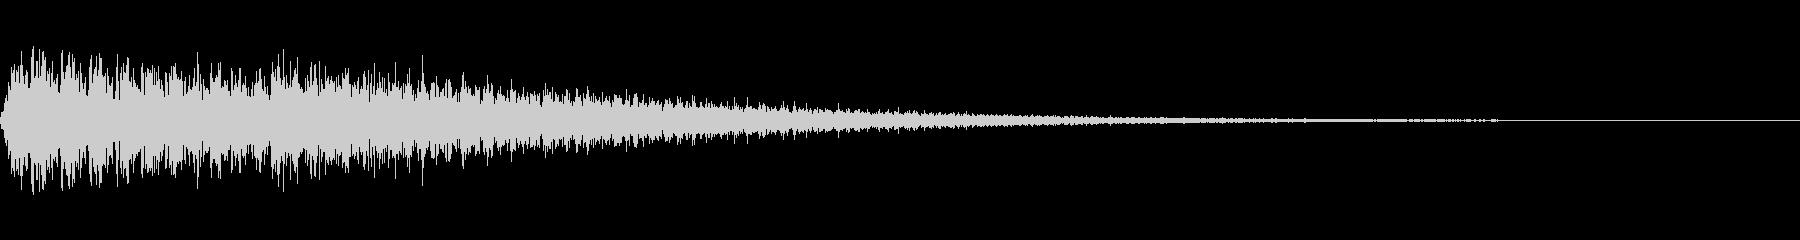 ブワンという特殊効果に使える音です。の未再生の波形